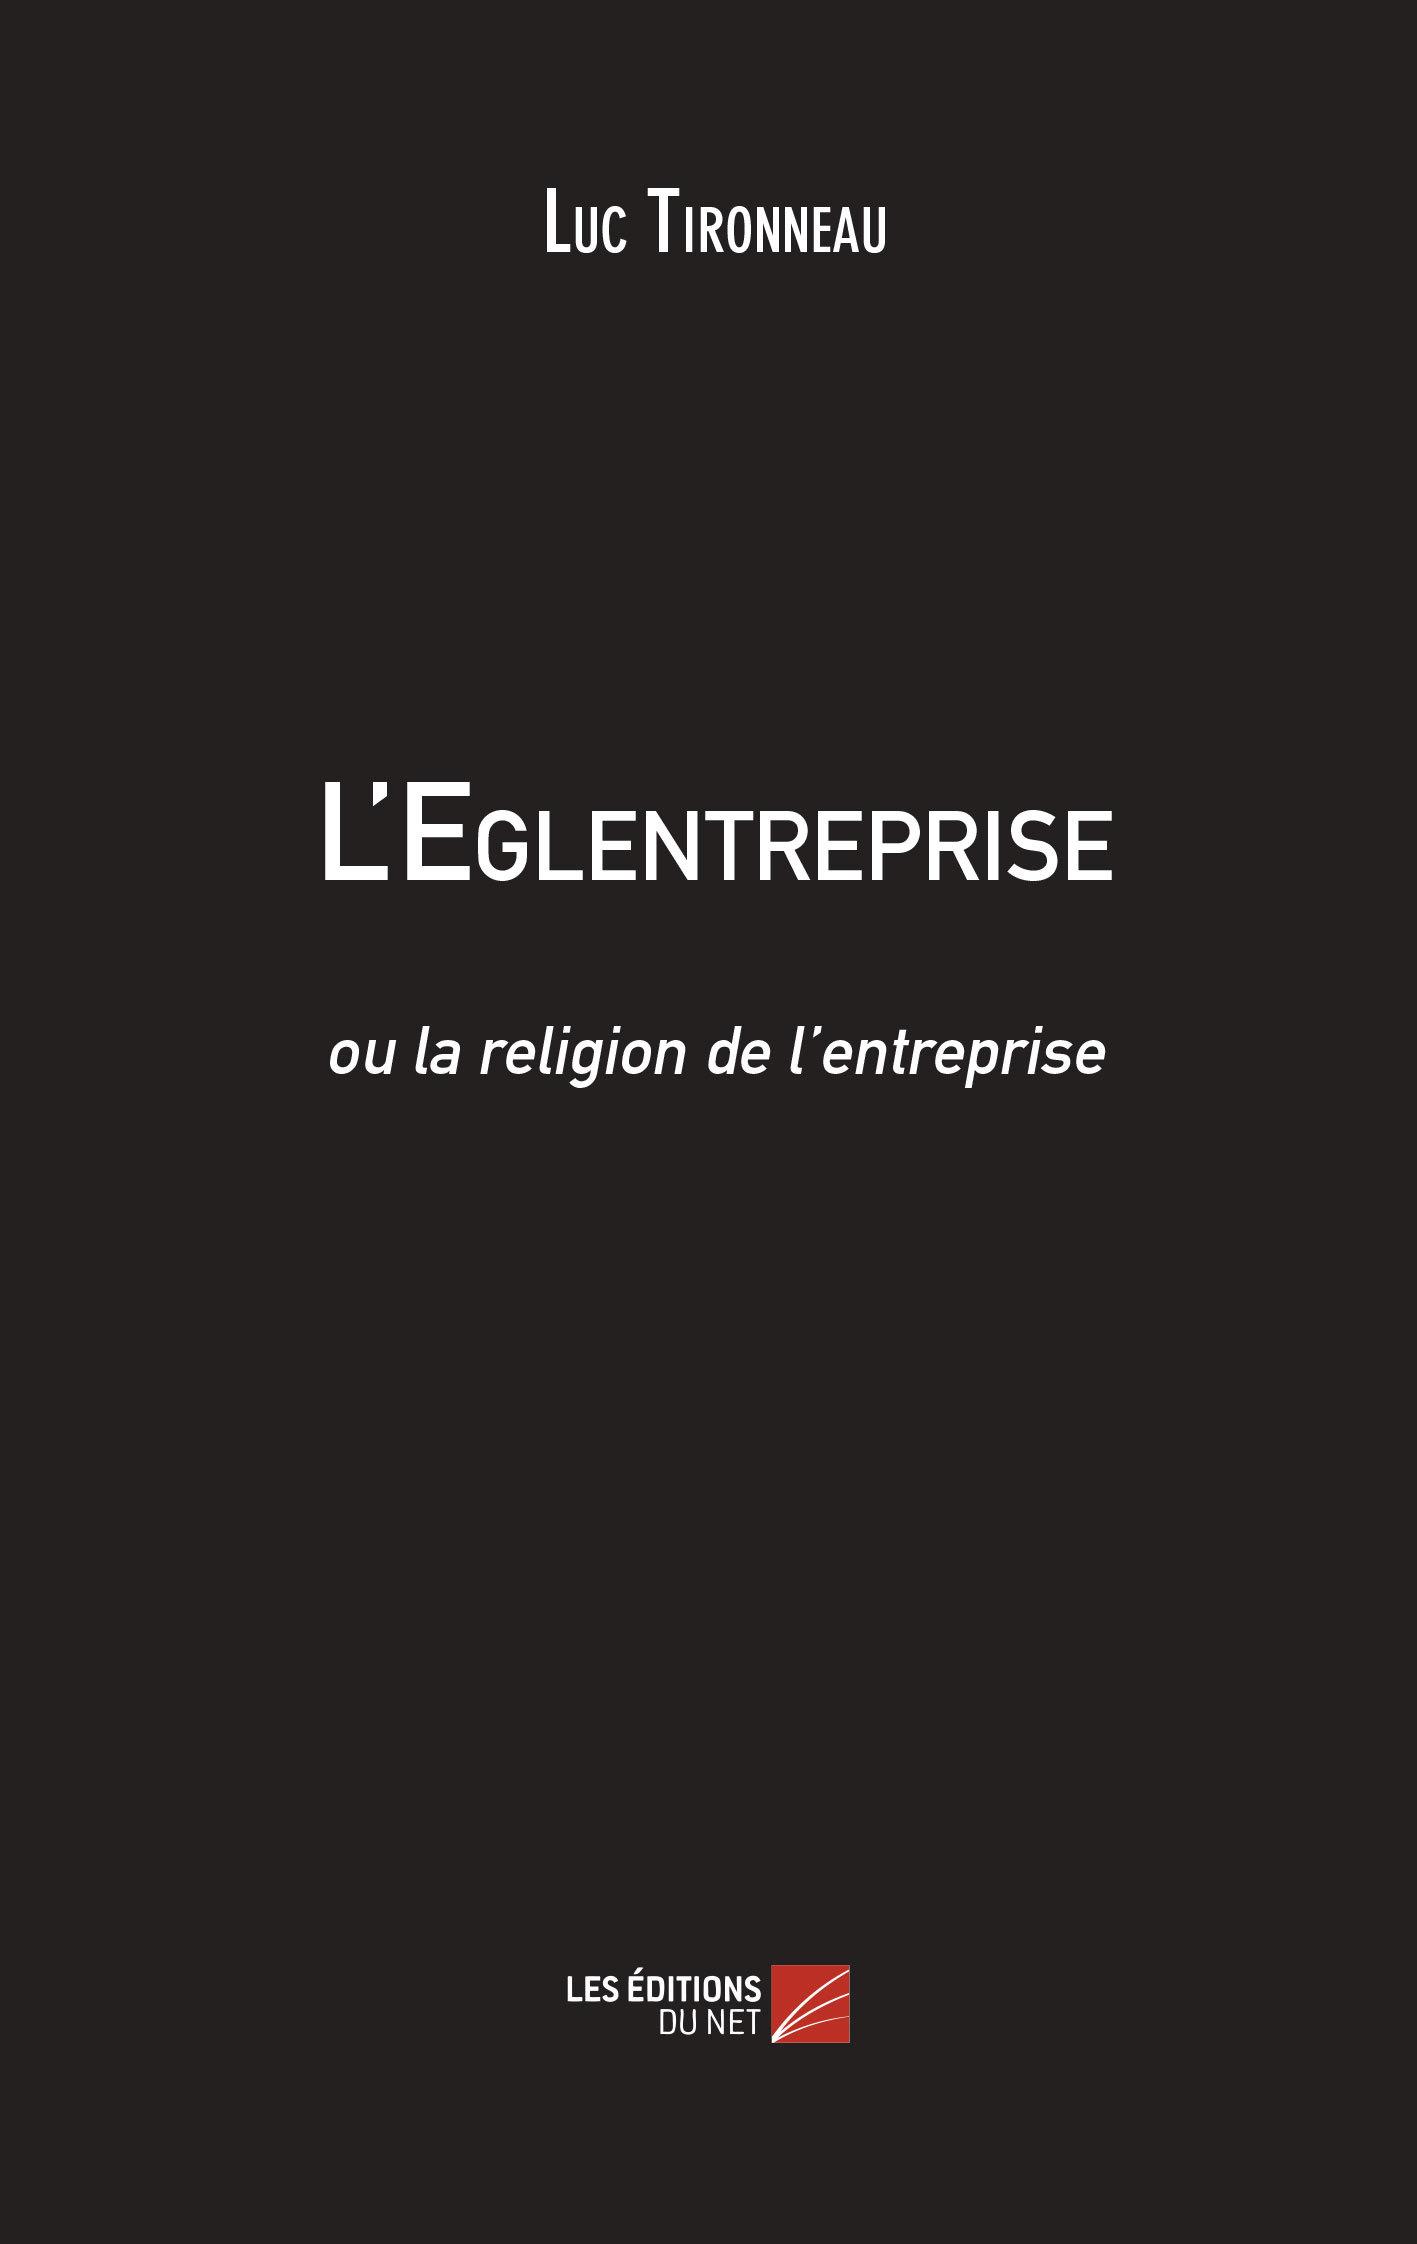 L'EGLENTREPRISE OU LA RELIGION DE L'ENTREPRISE